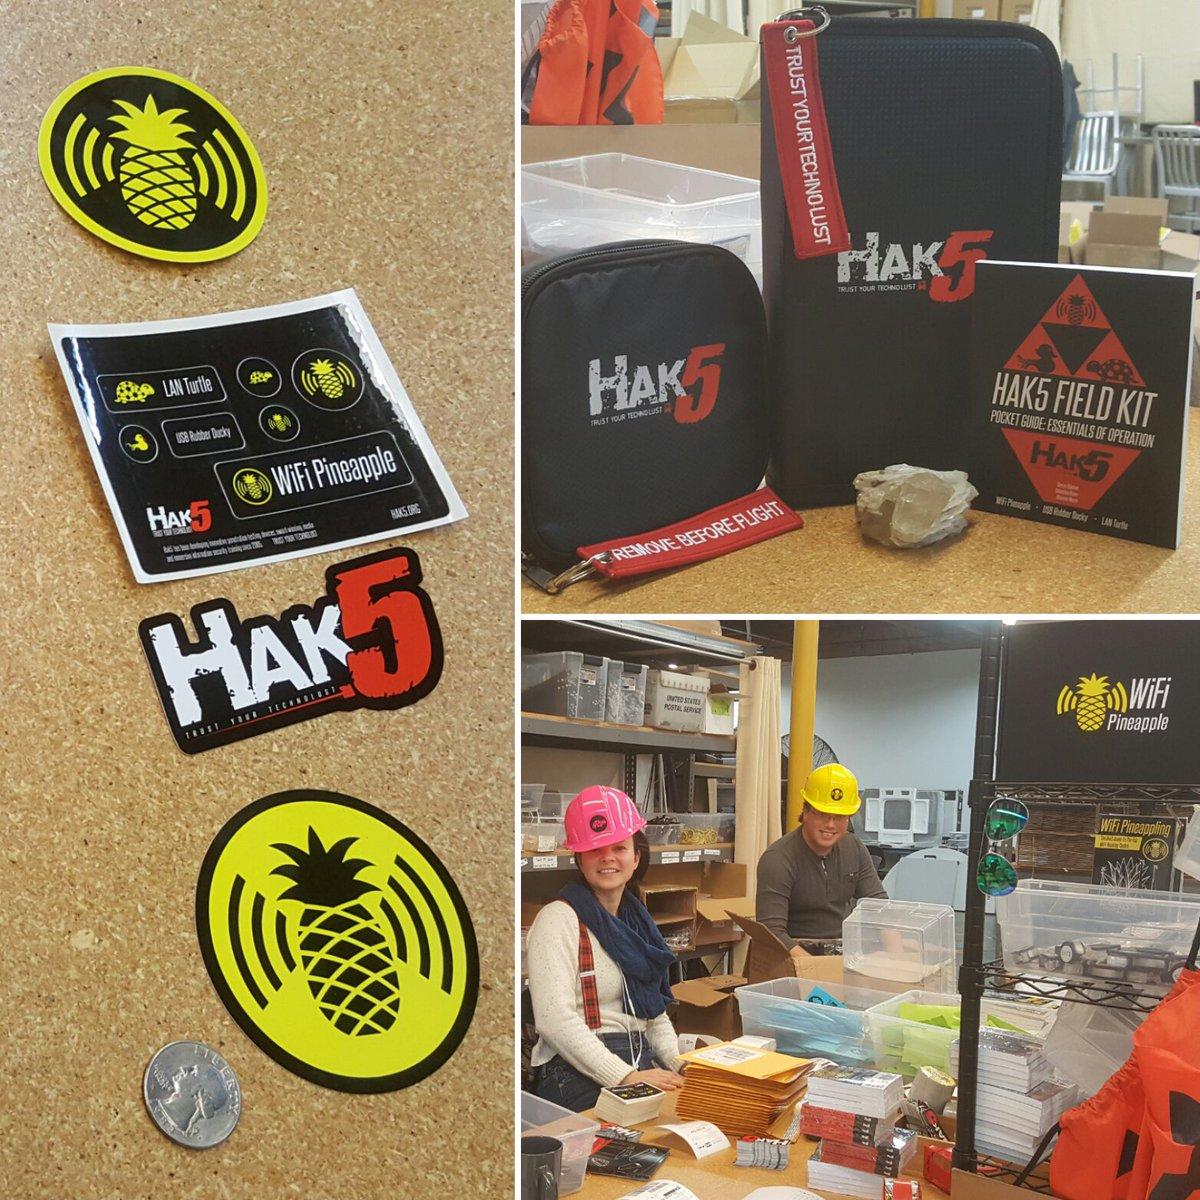 Hak5 on Twitter: